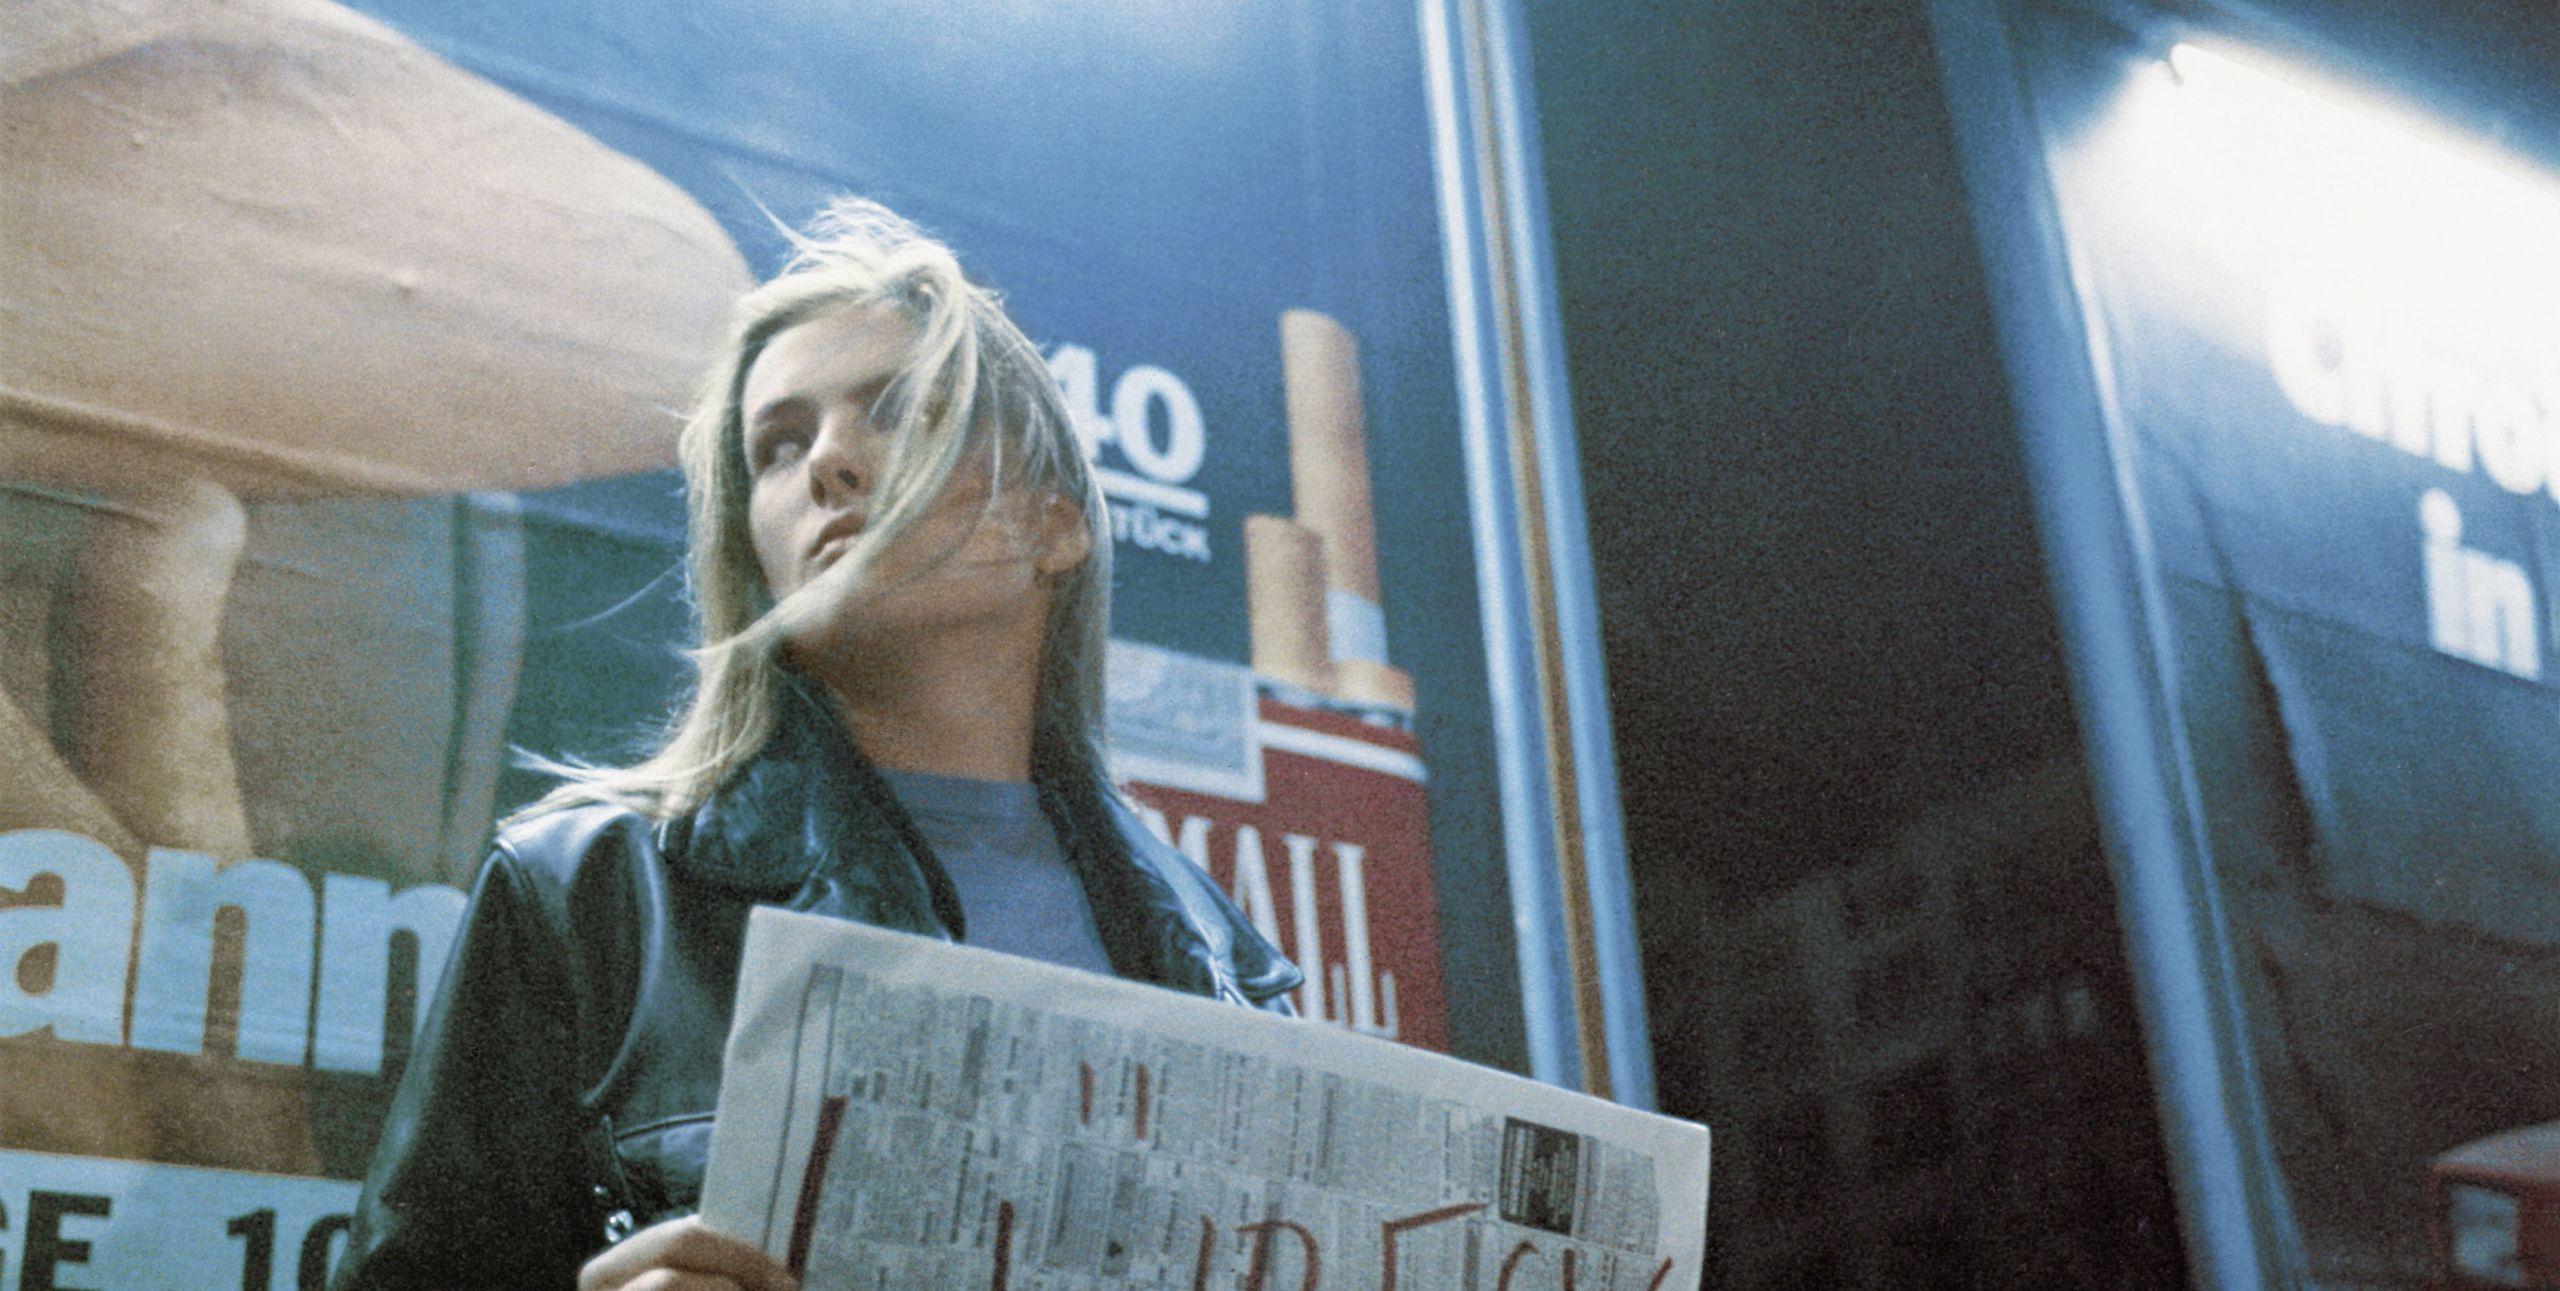 Szenenfoto aus dem Film Im Innern des Wals, BRD 1985, Regie: Doris Dörrie